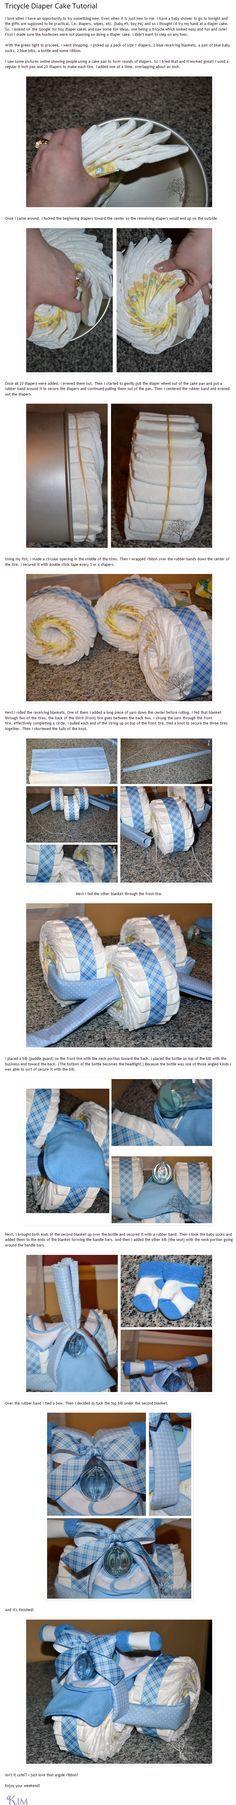 Tuto pour faire un tricycle avec des couches :)